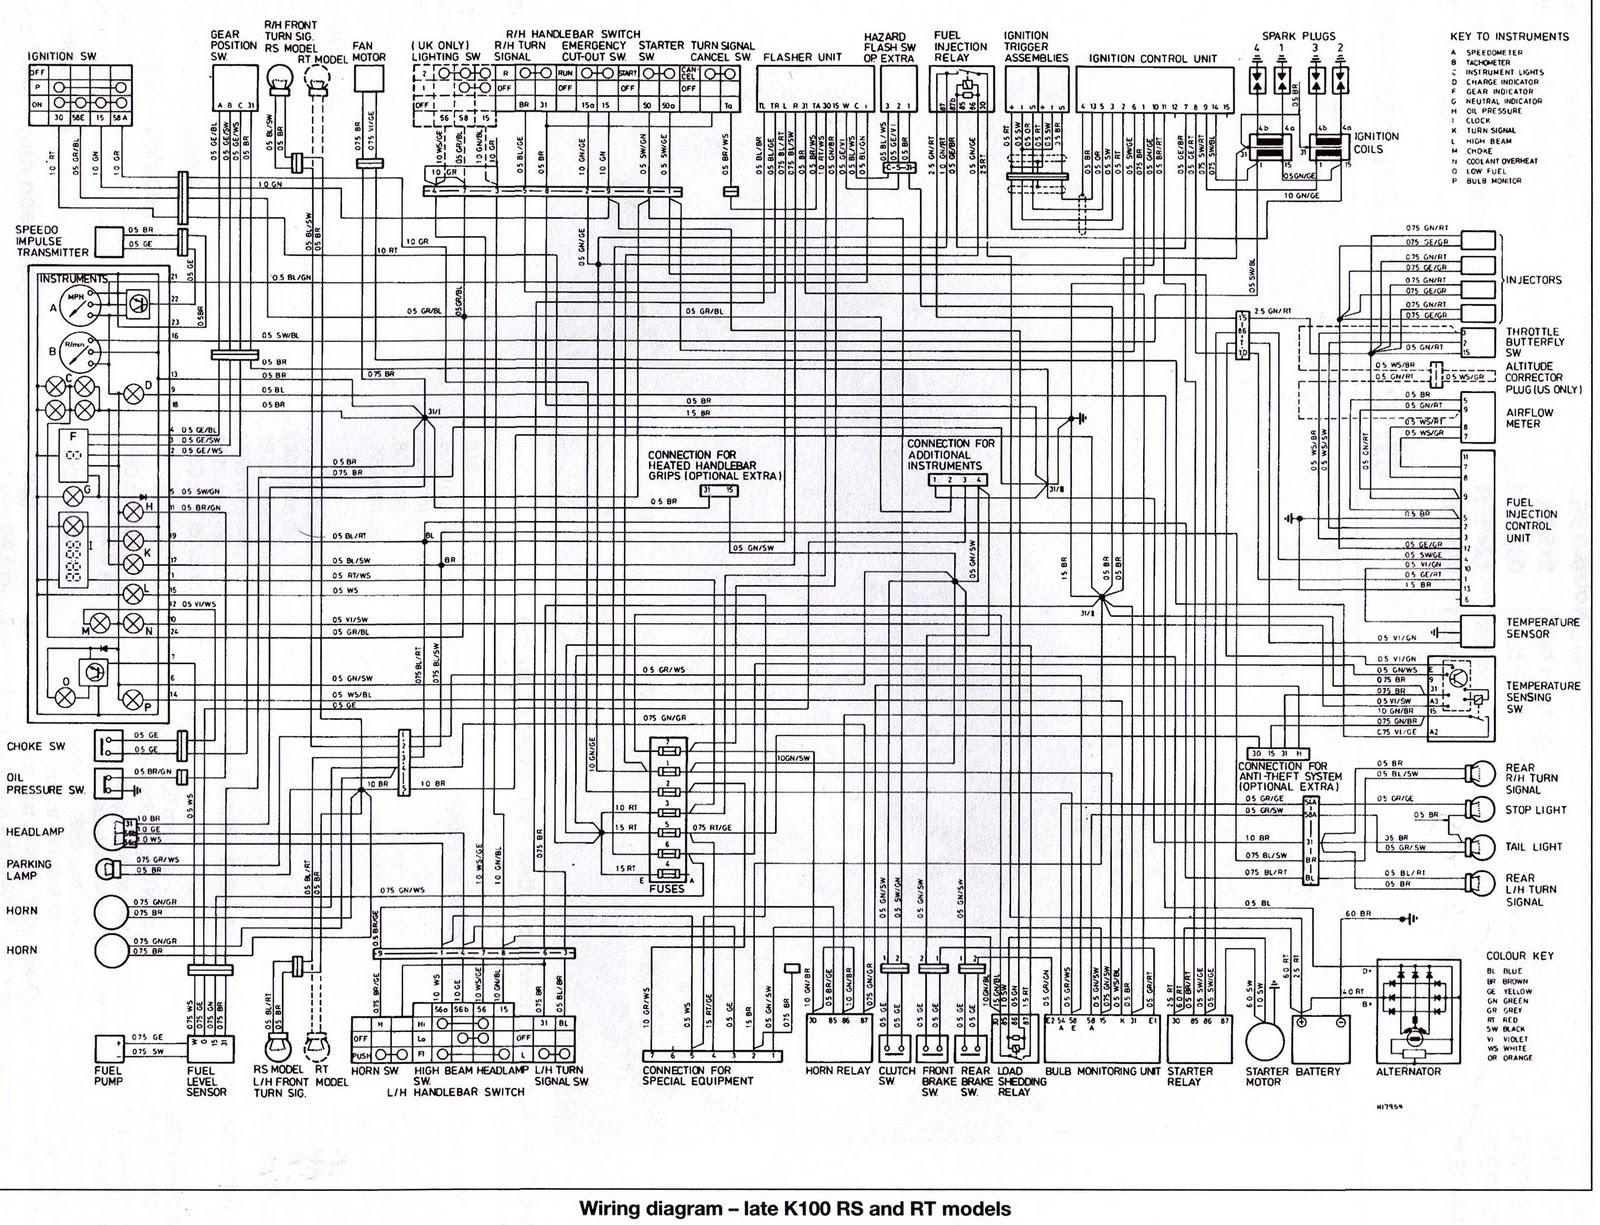 Wunderbar Axxess Gmos 100 Verdrahtungsschema Ideen - Elektrische ...